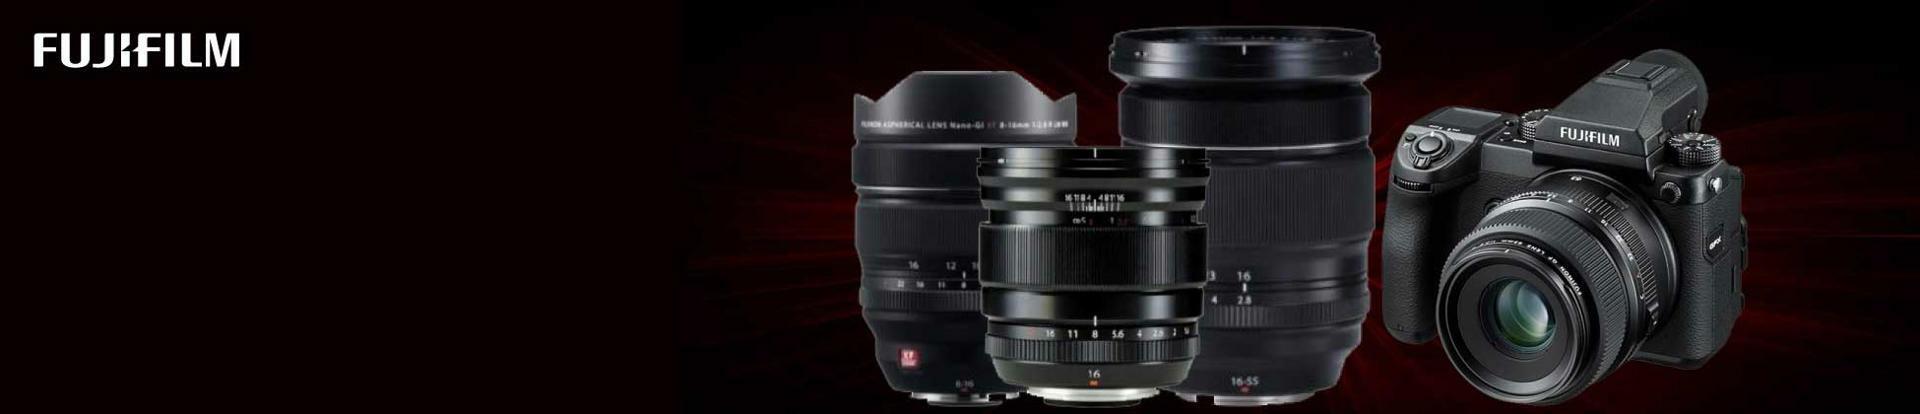 Picture for brand Fujifilm